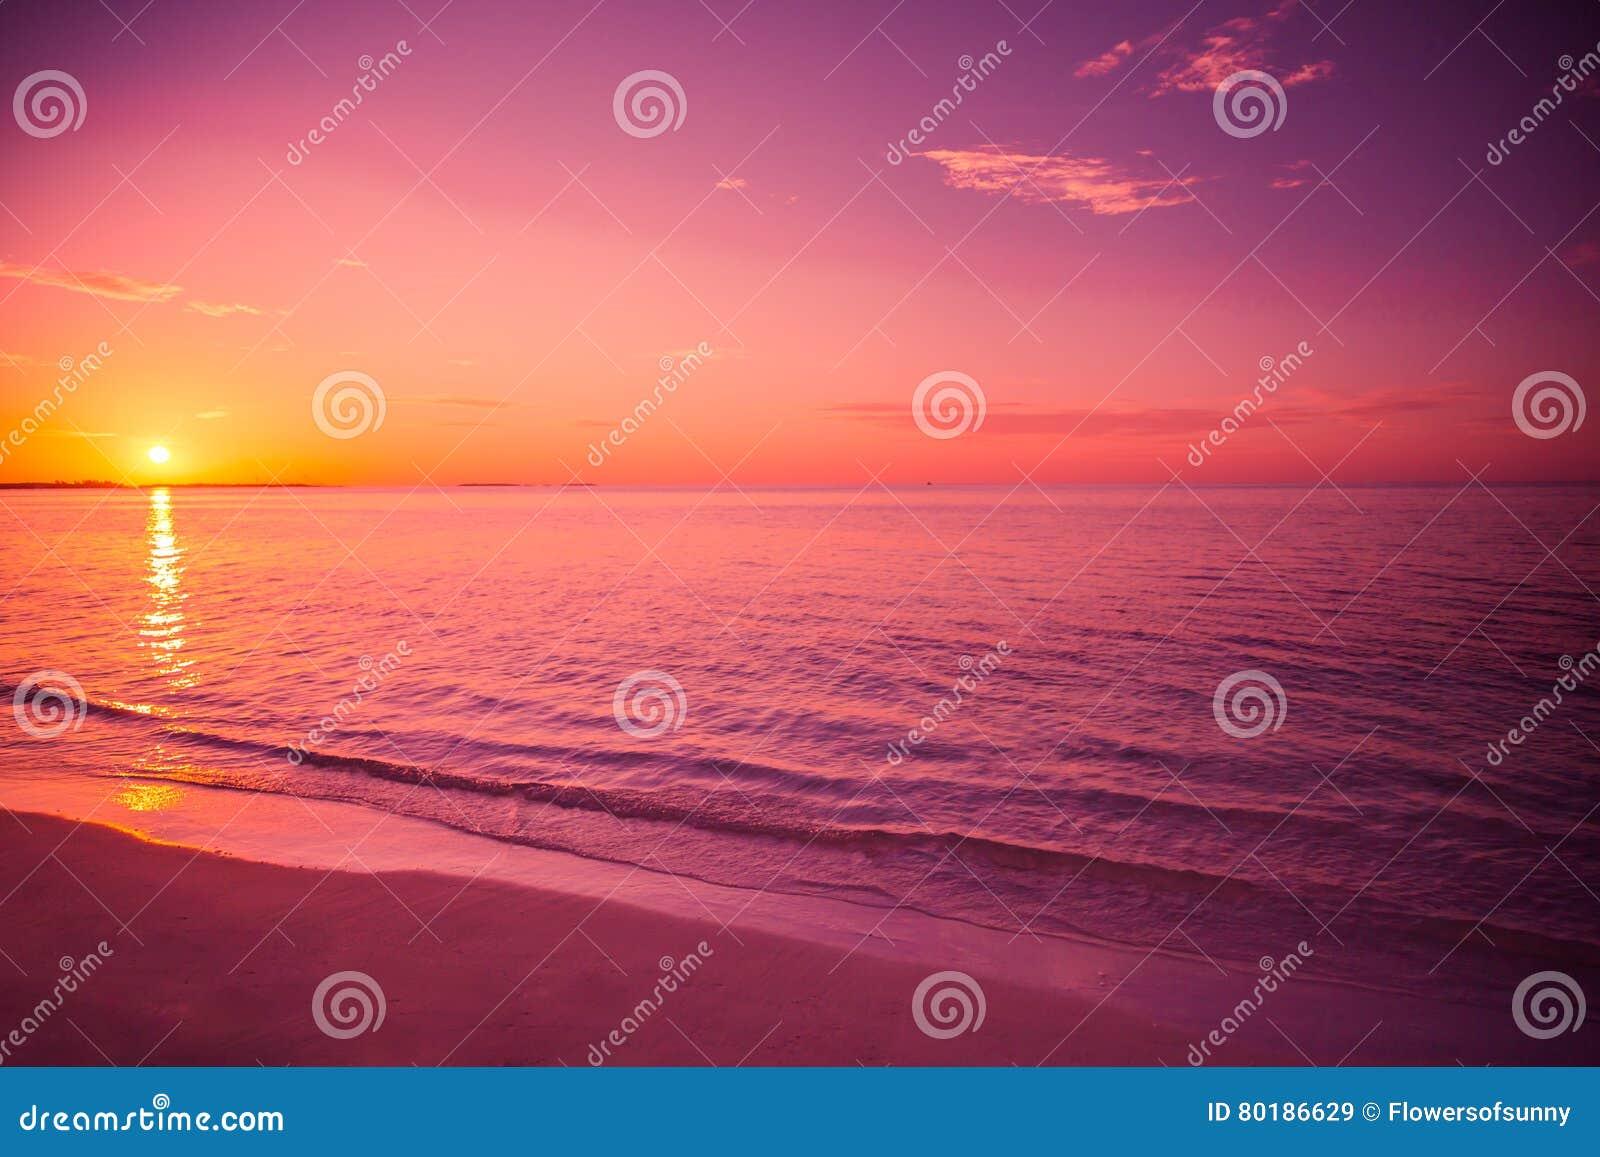 Puesta del sol asombrosa de la playa Colores relajantes con las ondas suaves